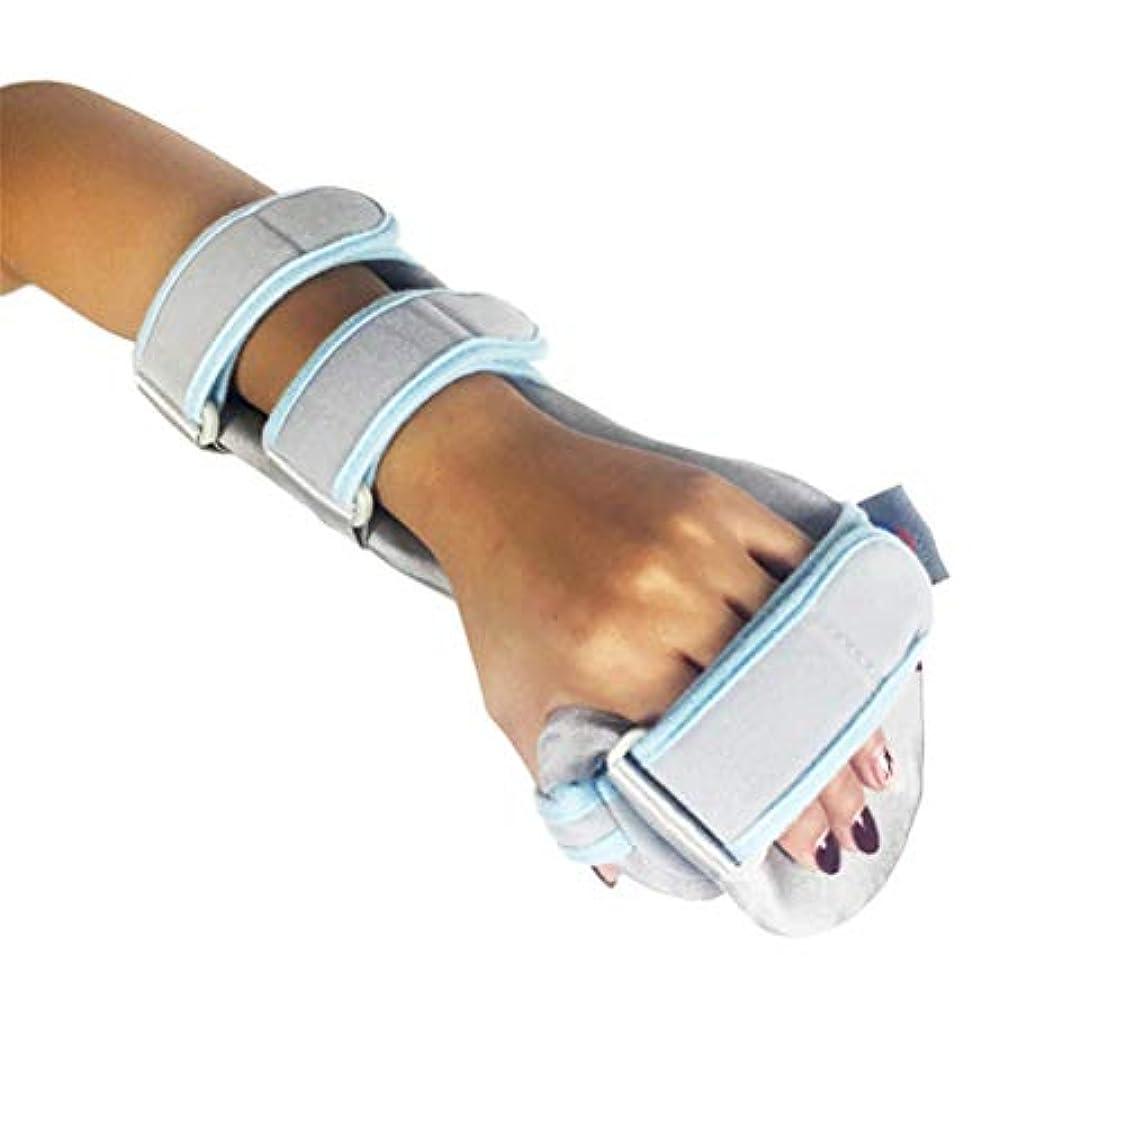 シビックインド使役HEALIFTY 指スプリントフィンガー手首骨折固定足場用腱腱炎腱炎骨折関節炎転位(右手)